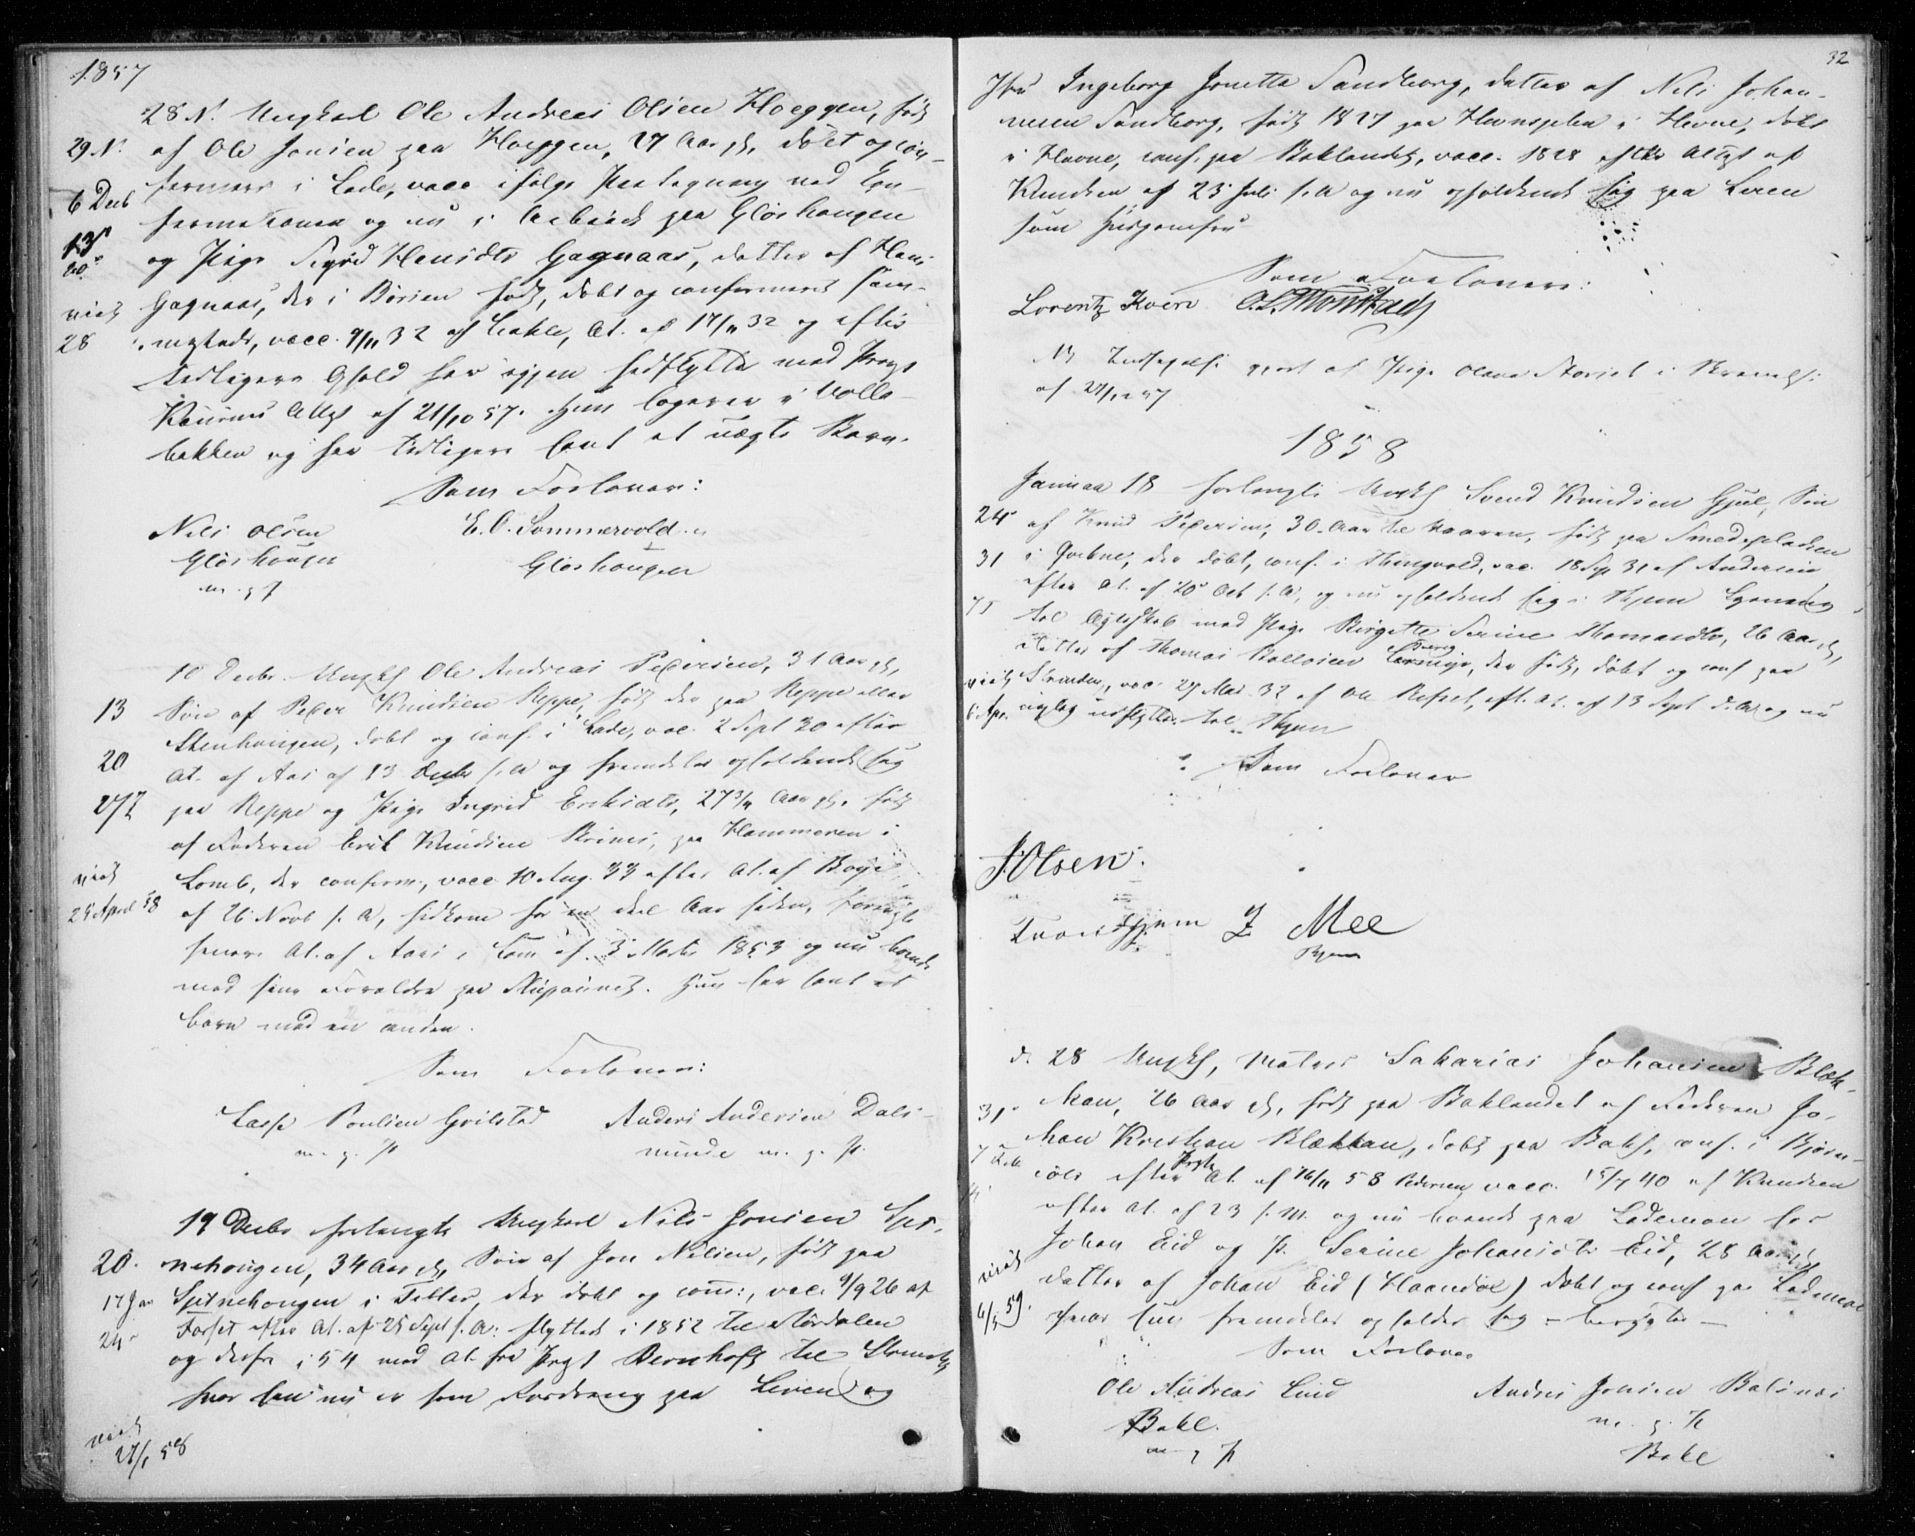 SAT, Ministerialprotokoller, klokkerbøker og fødselsregistre - Sør-Trøndelag, 606/L0297: Lysningsprotokoll nr. 606A12, 1854-1861, s. 32